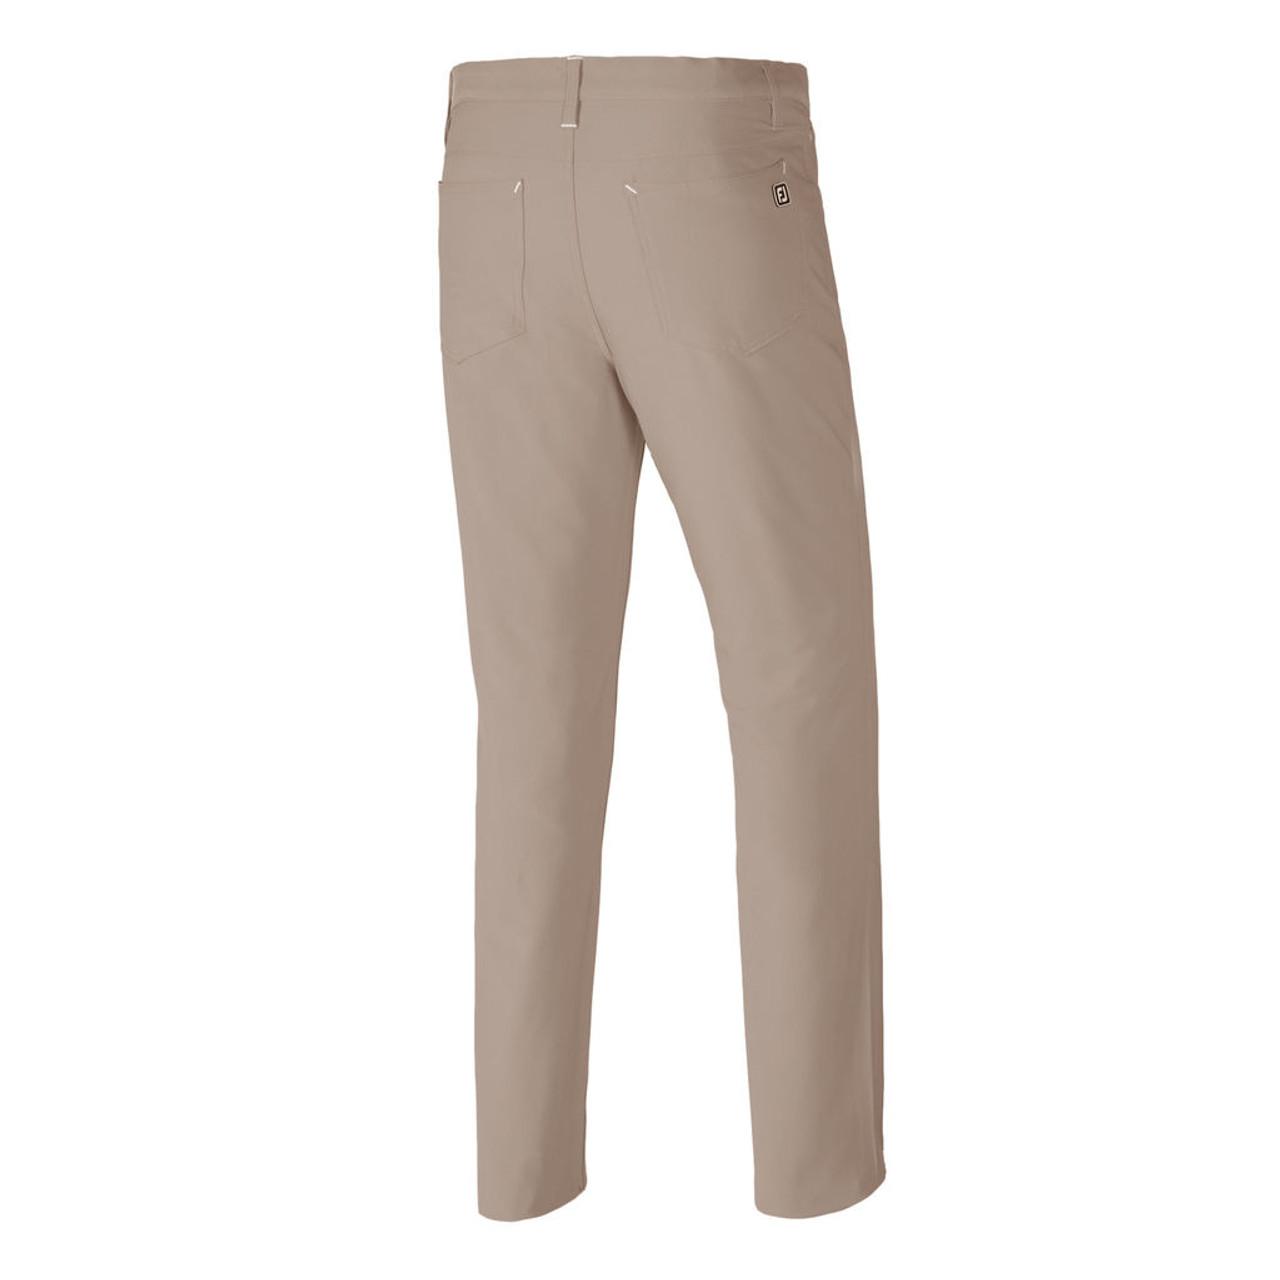 FootJoy Athletic Fit Performance 5-Pocket Pants - Khaki (24194)